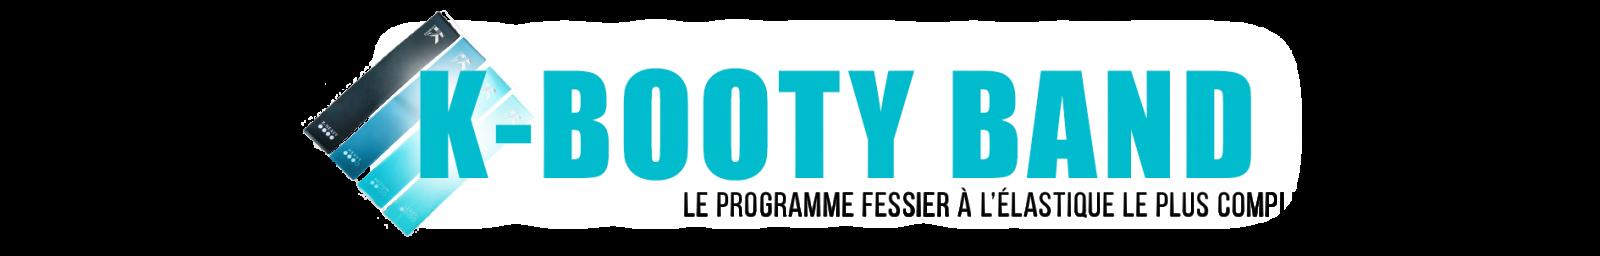 K-Booty Band - Le programme fessier à l'élastique le plus complet !